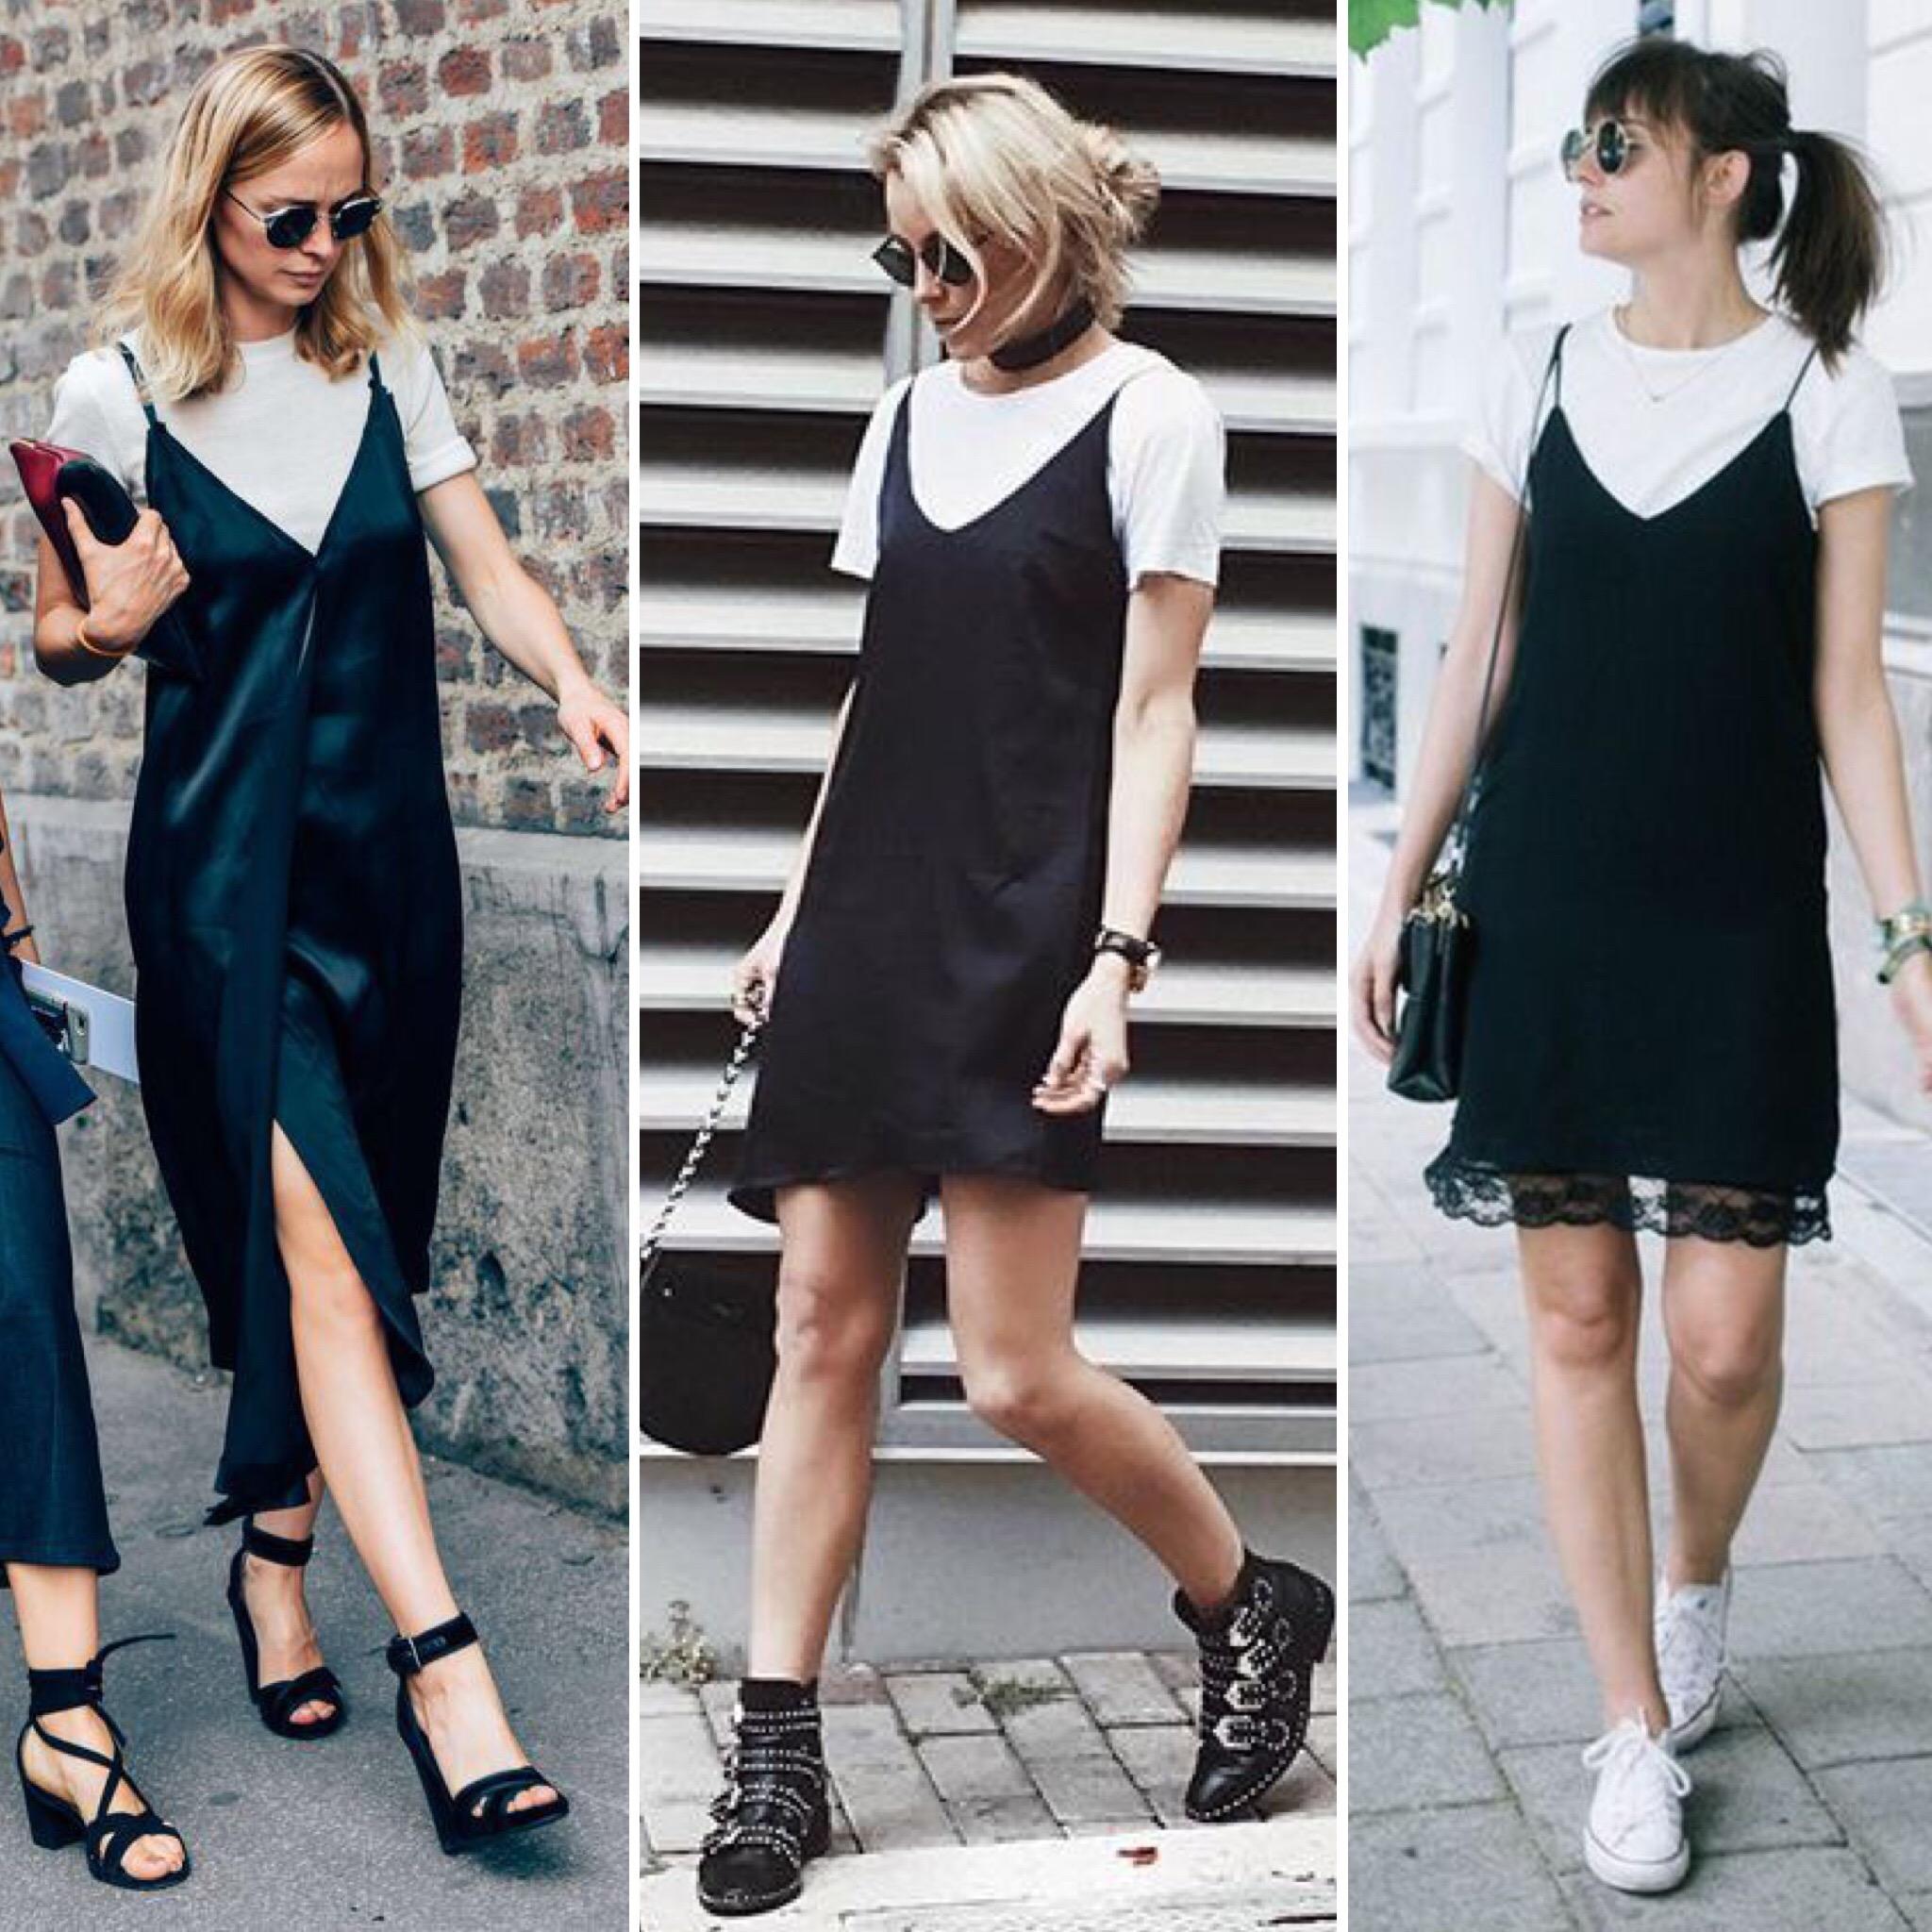 online store 79cd7 d3cbe Come (e perché) indossare la t-shirt sotto il vestito ...